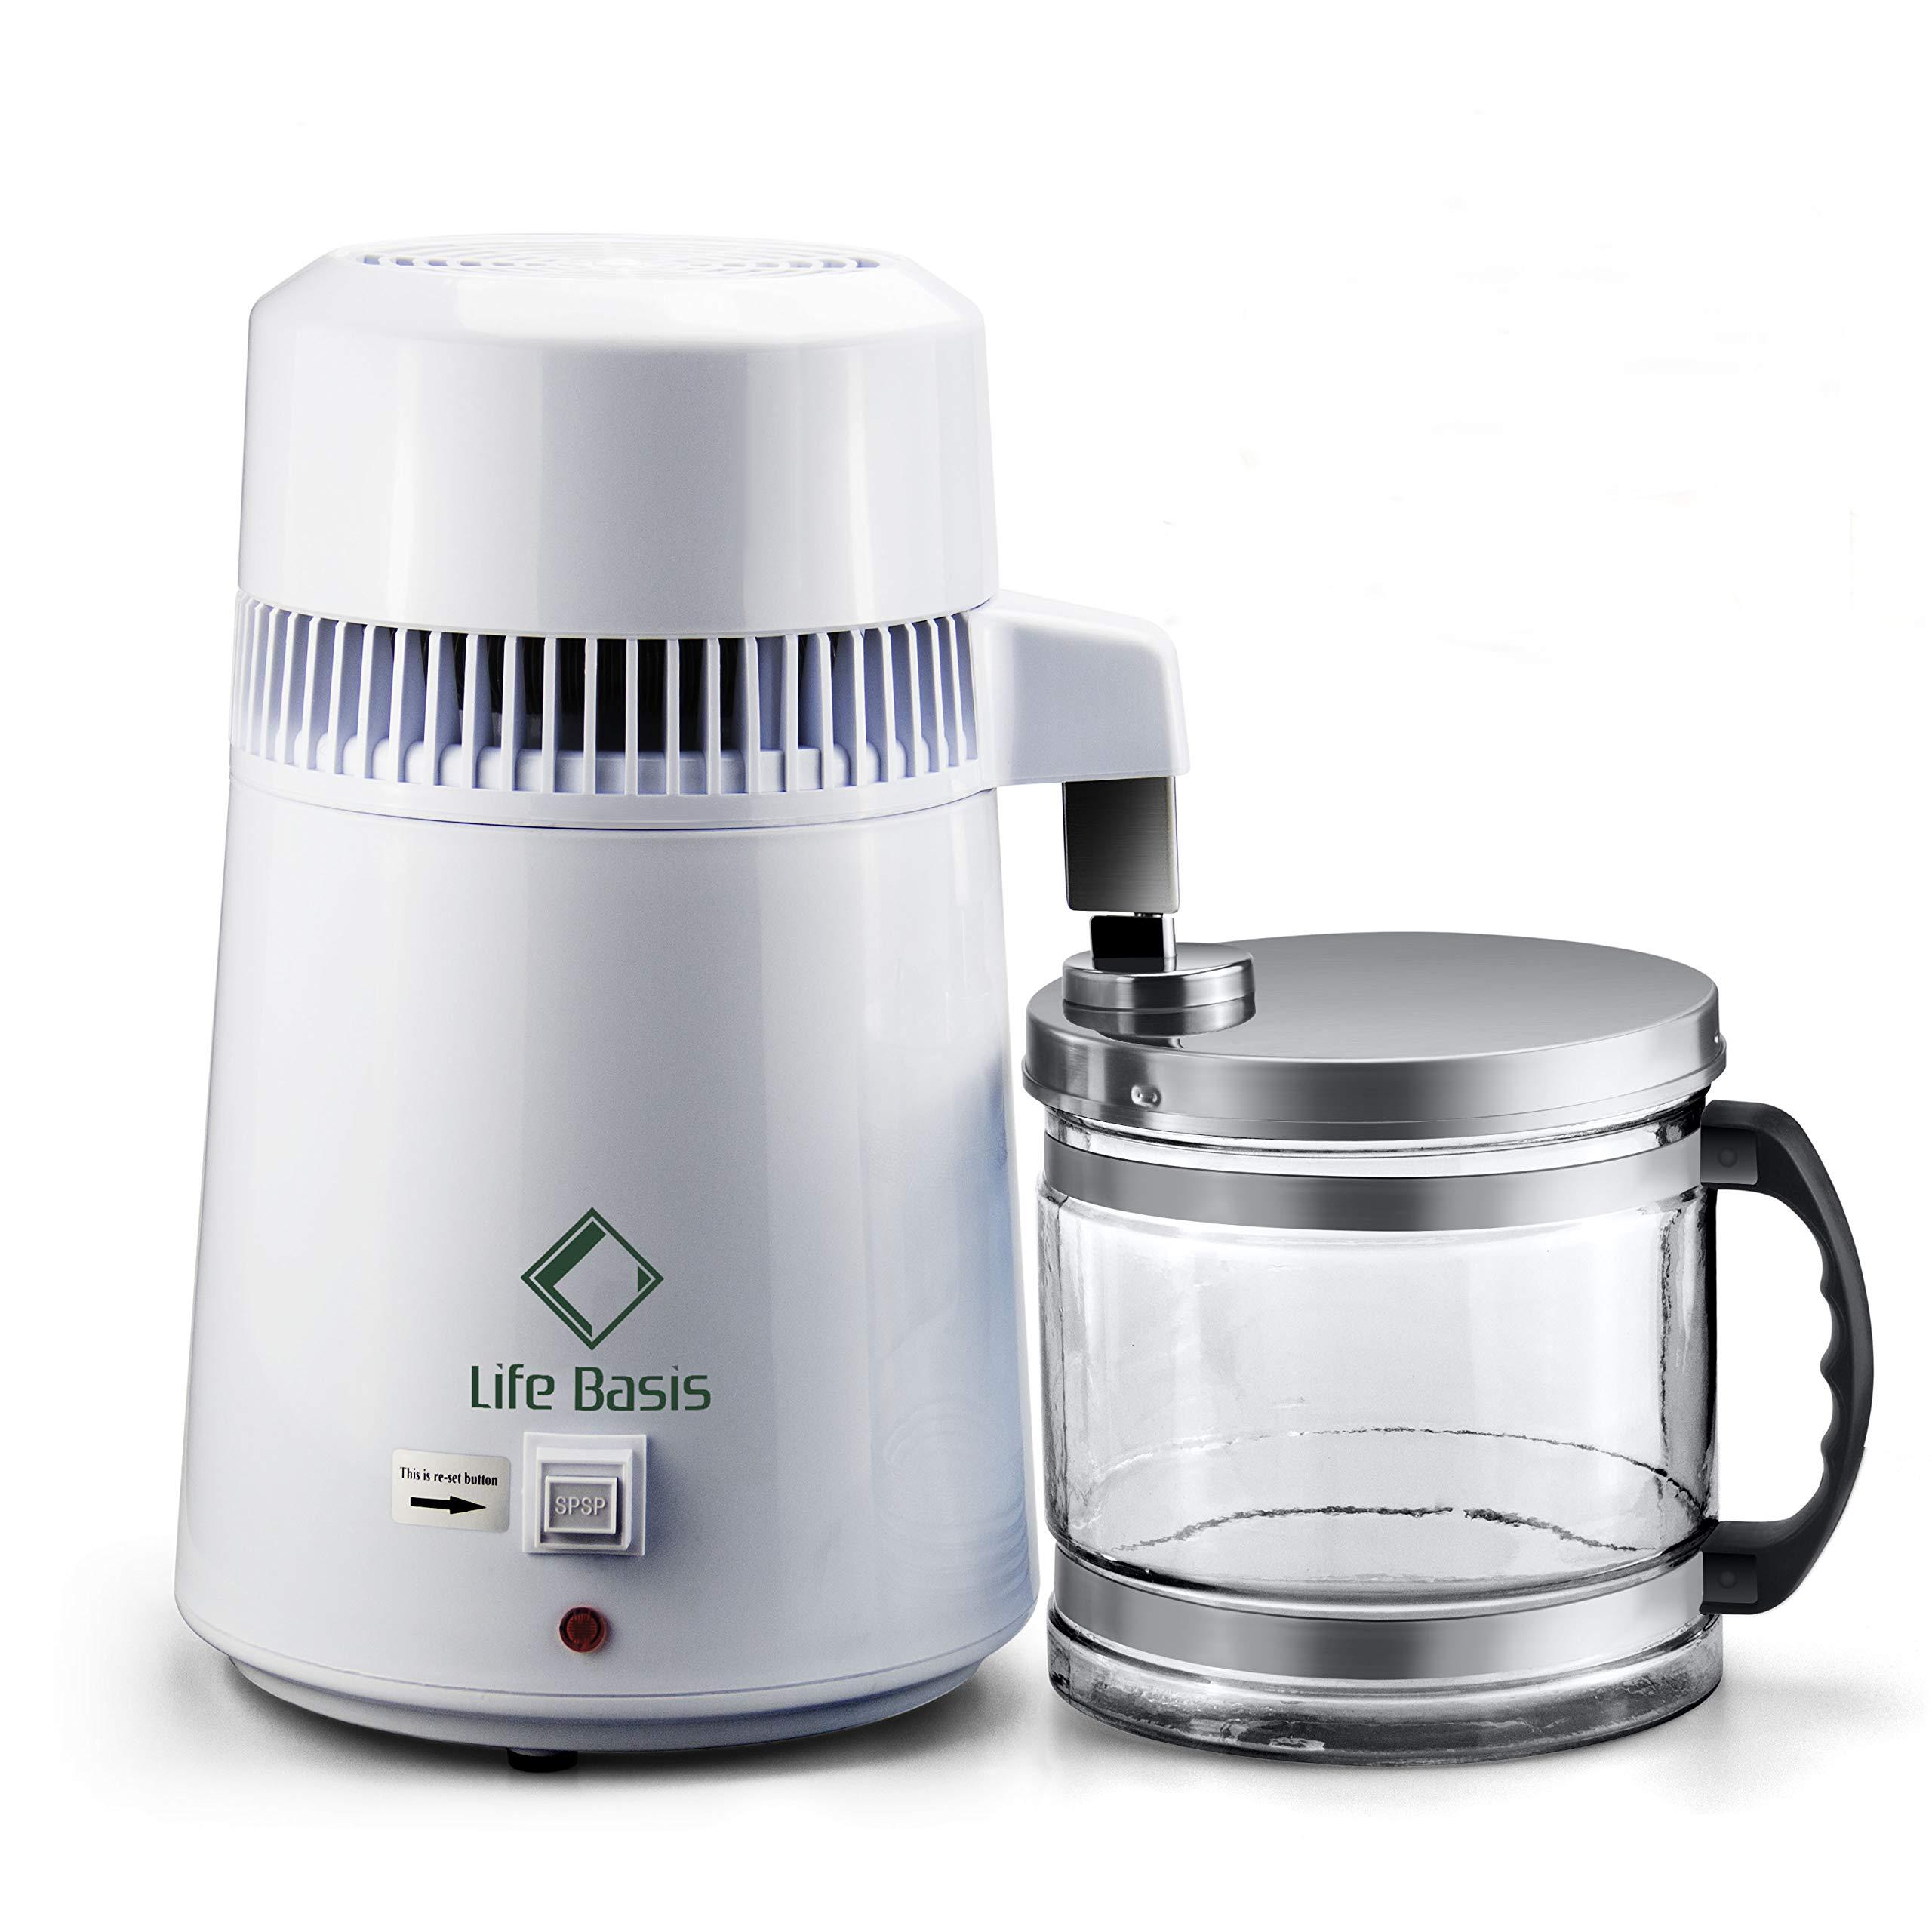 Hervorragend LifeBasis Destilliergerät 4L Wasserdestillierer Wasser Destillertes  Wasser Maschine Mit Glas Sammelkanne Wasserdestille Und Ein Tragbaren